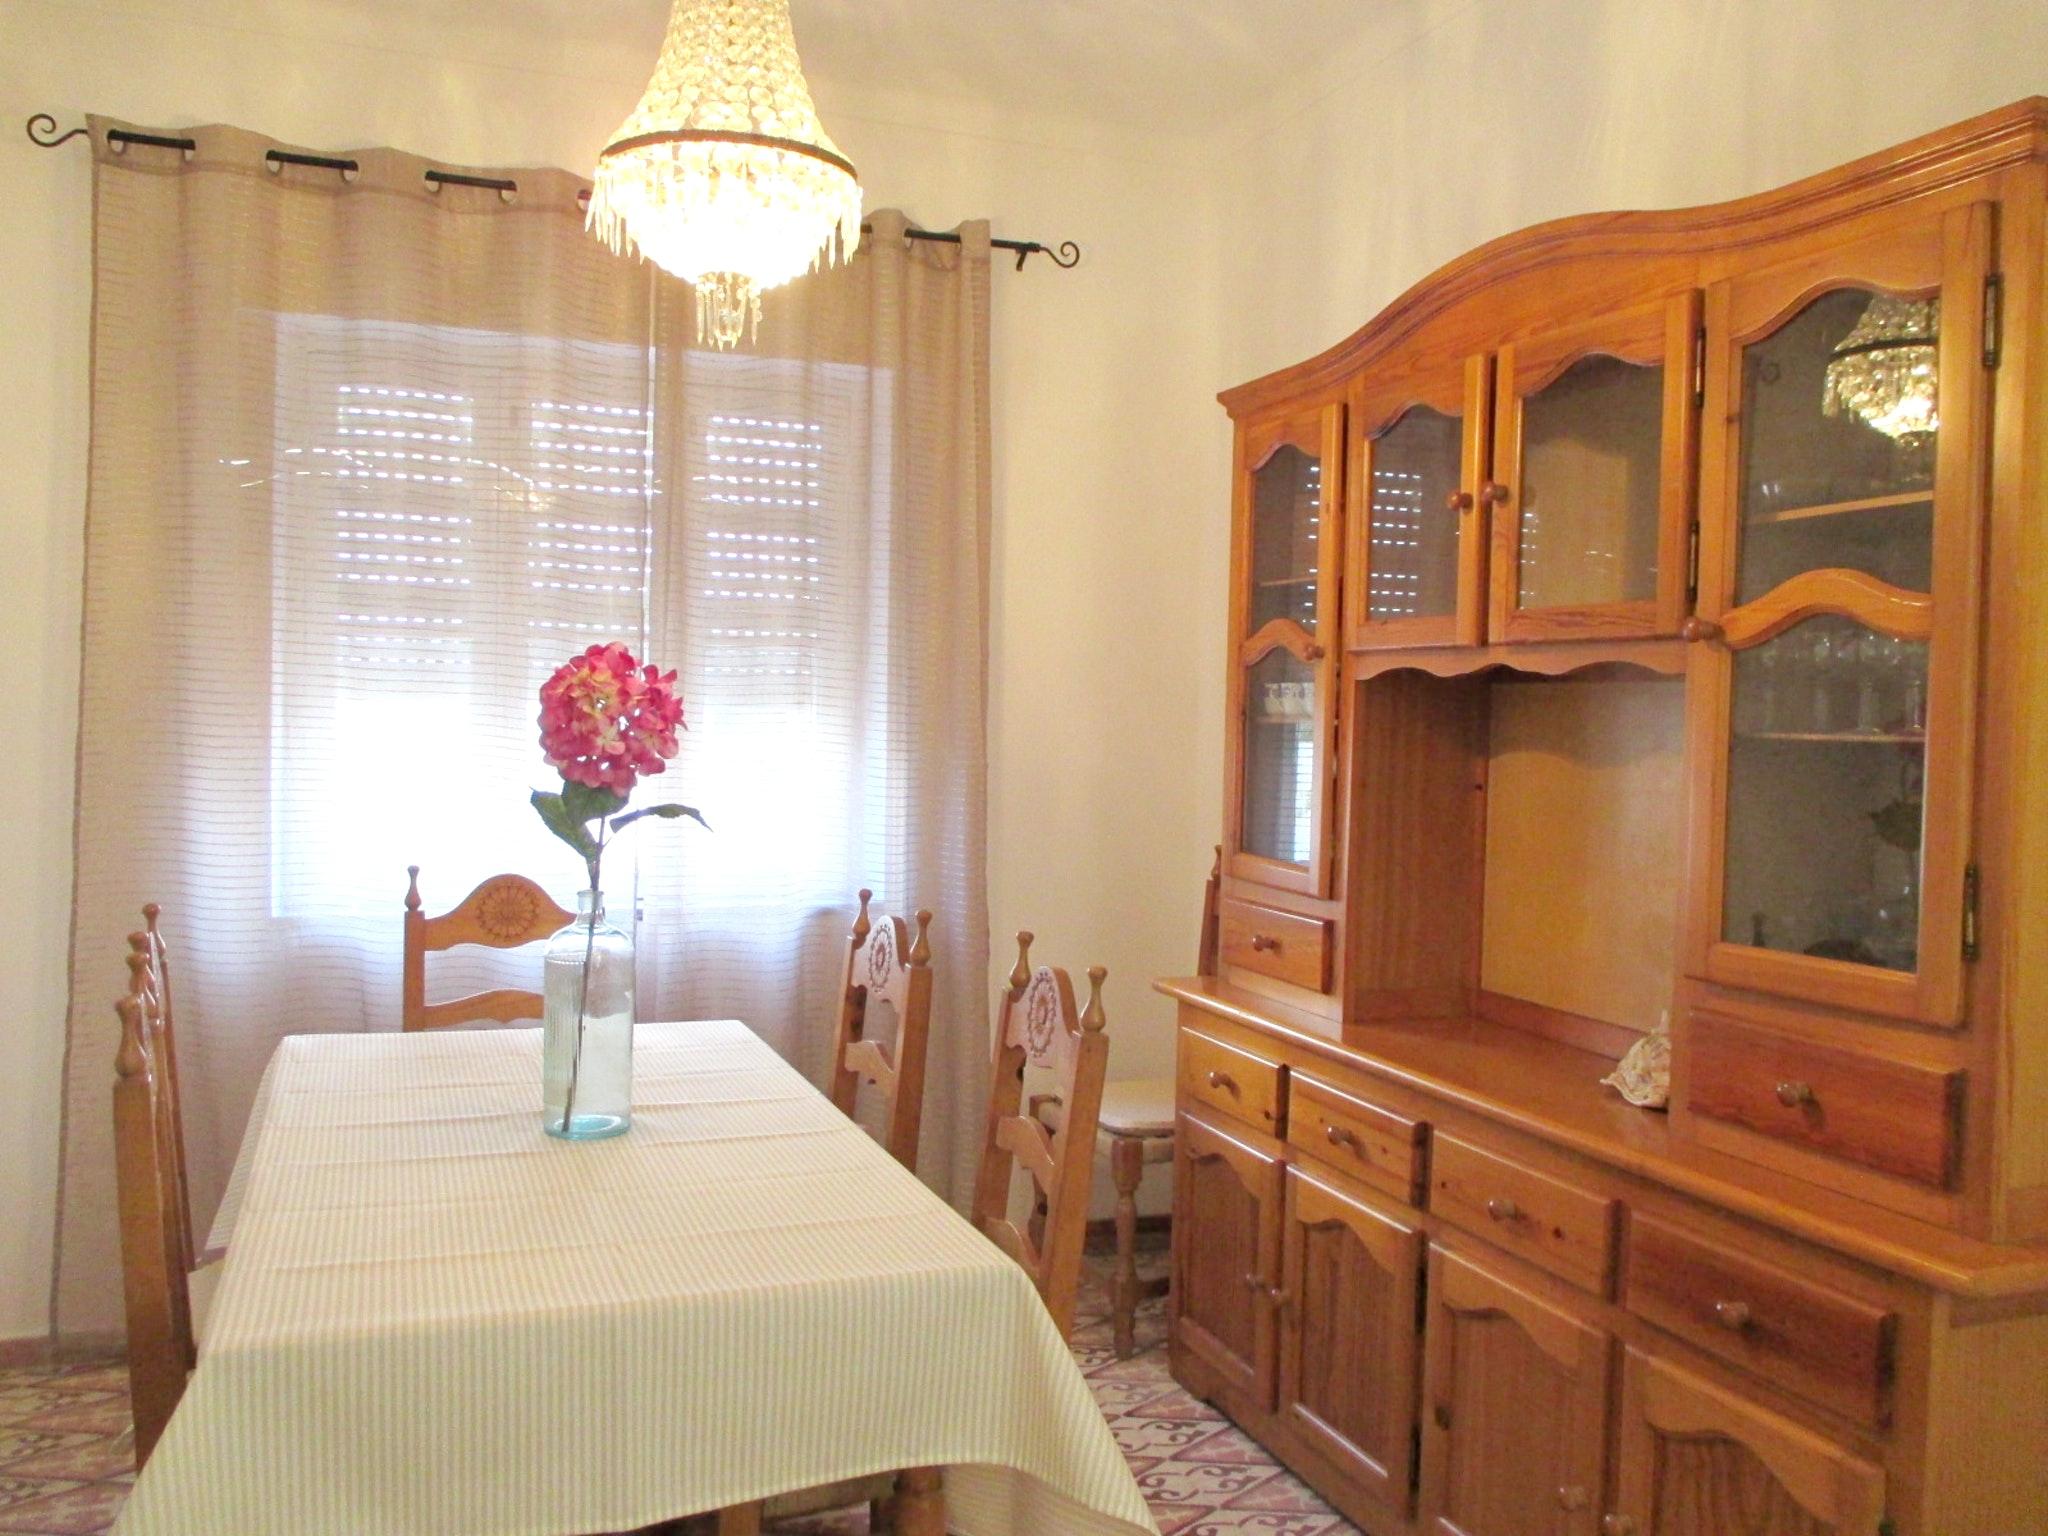 Ferienhaus Haus mit 3 Schlafzimmern in Luz (Luz de Tavira) mit eingezäuntem Garten - 2 km vom Strand  (2426449), Luz, Ria Formosa, Algarve, Portugal, Bild 2